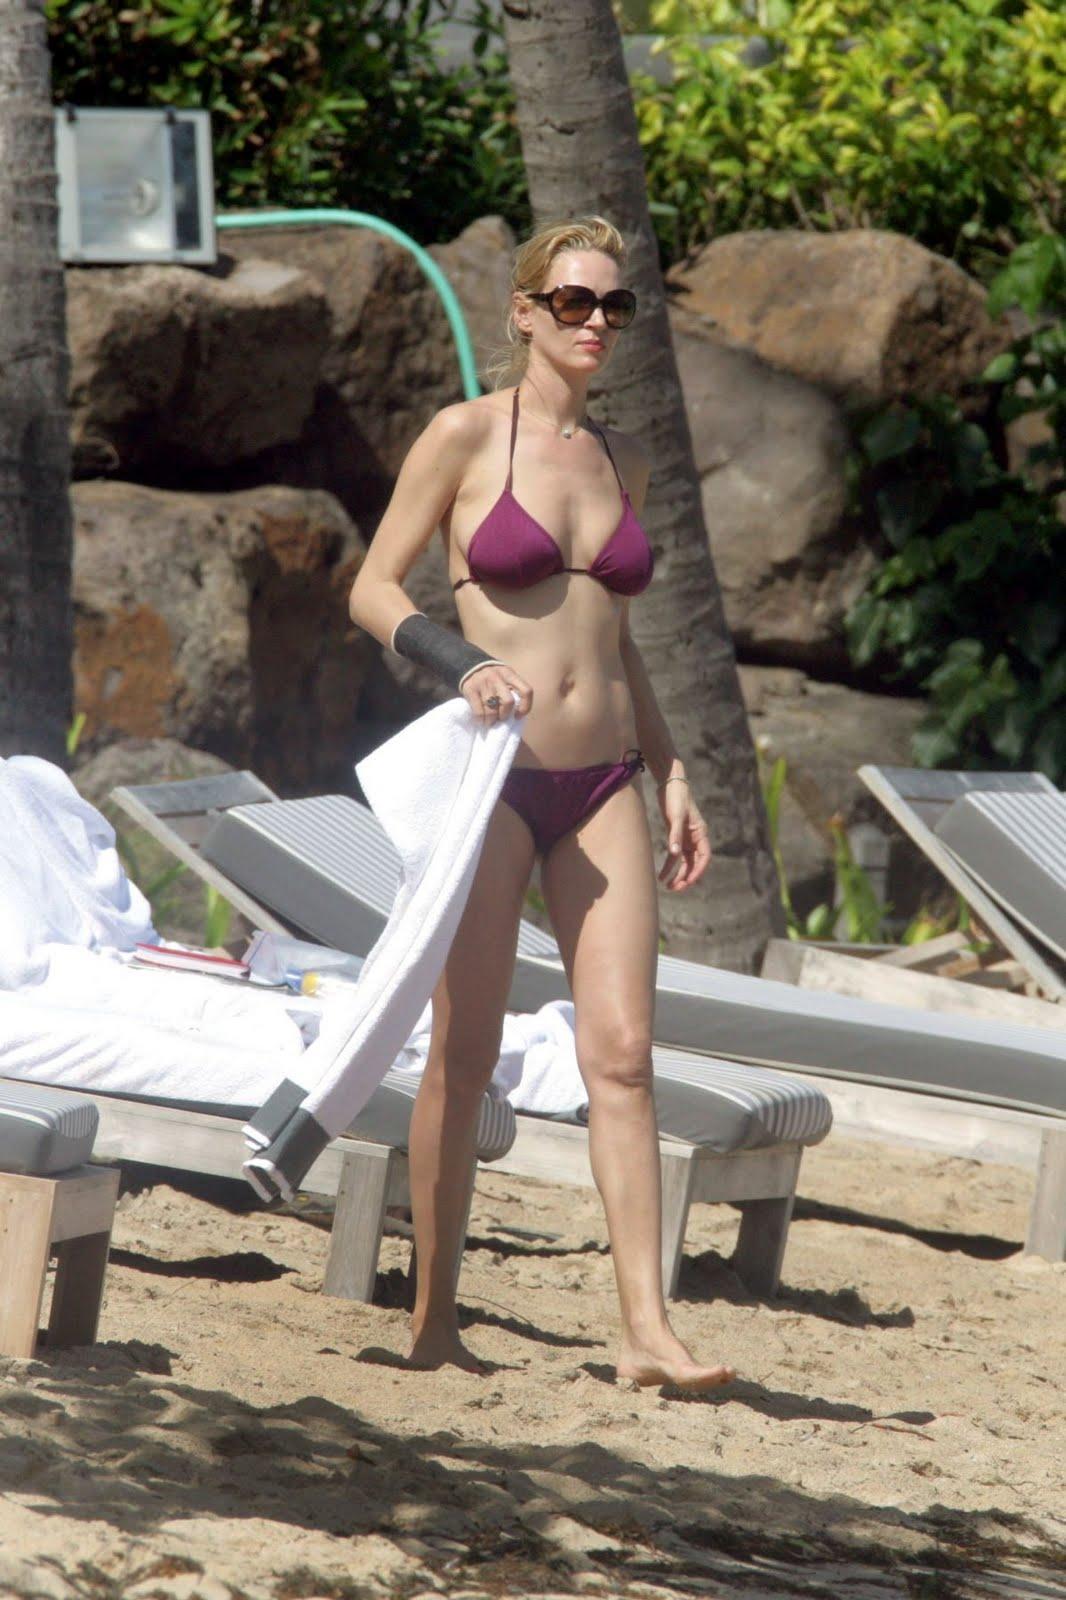 http://3.bp.blogspot.com/_-87Ncg74YHg/S_BrLMKsPMI/AAAAAAAAAKg/oPuhNbYYOMo/s1600/uma-thurman-bikini-1-11.jpg